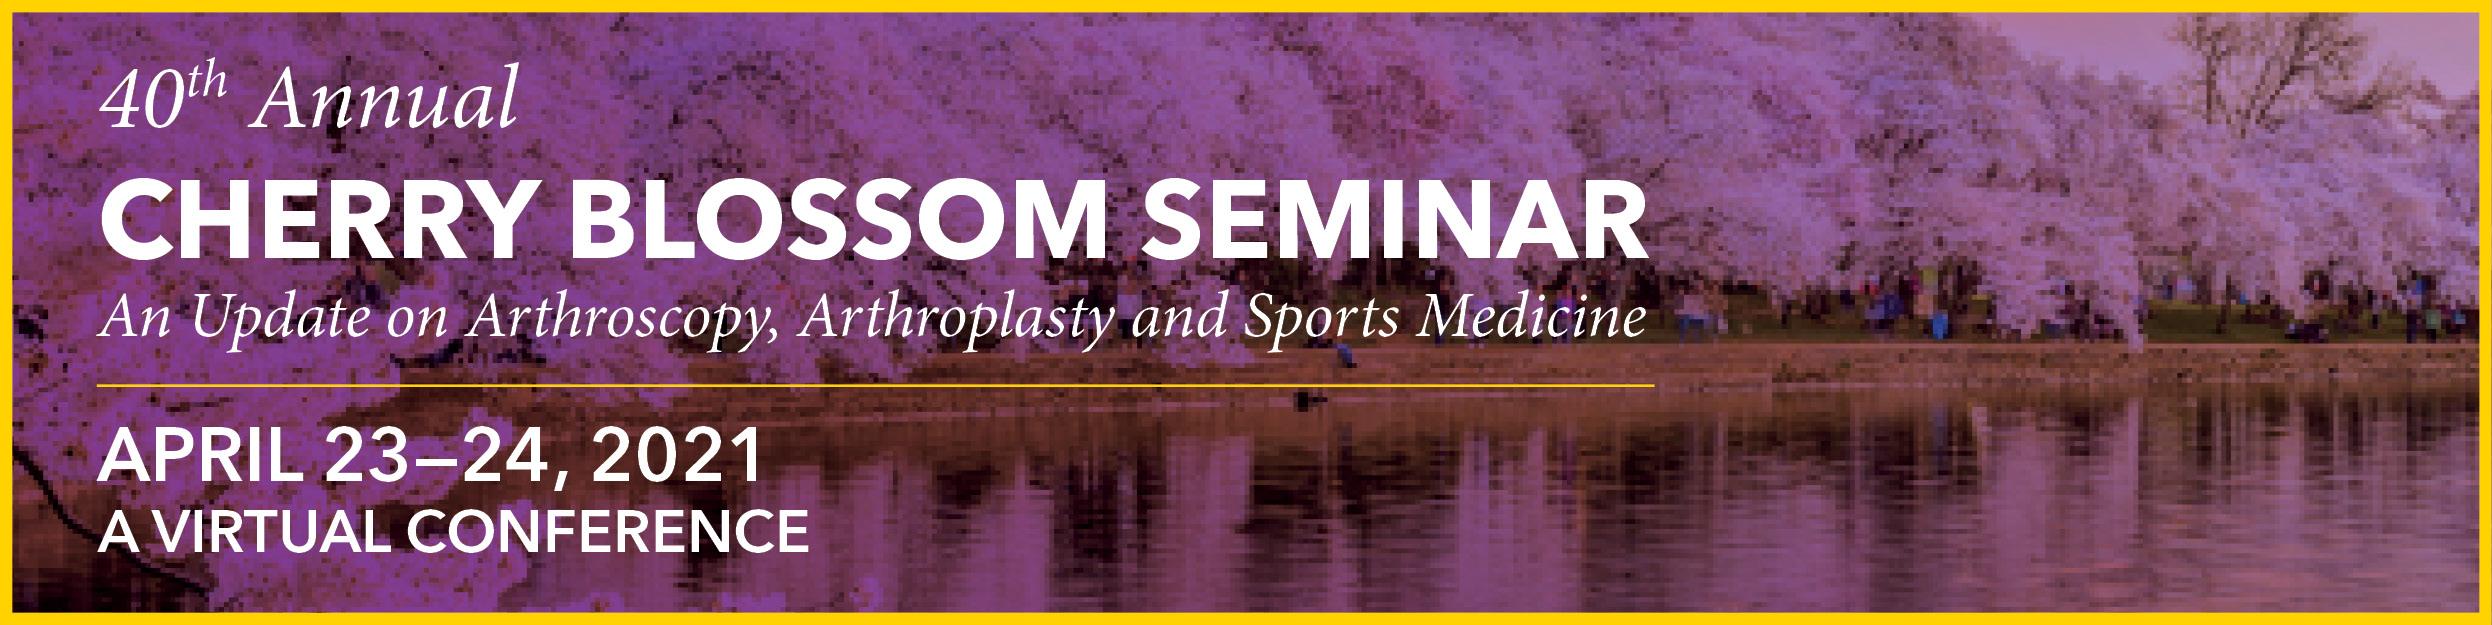 40th Annual Cherry Blossom Seminar Banner